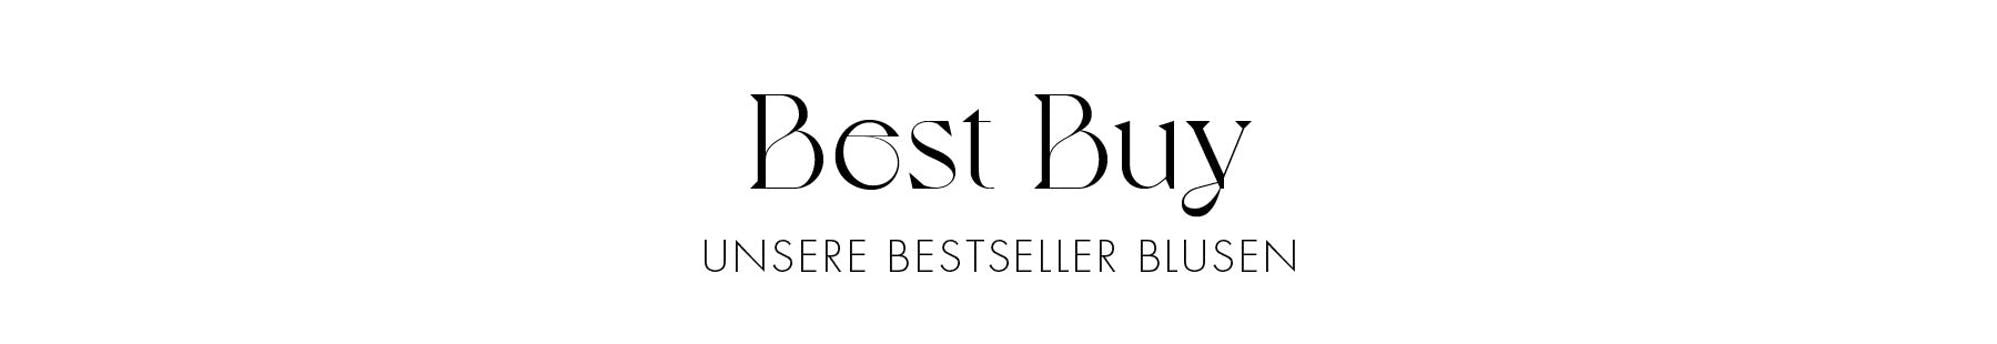 Best Buy - Unsere Bestseller Blusen | Seidensticker